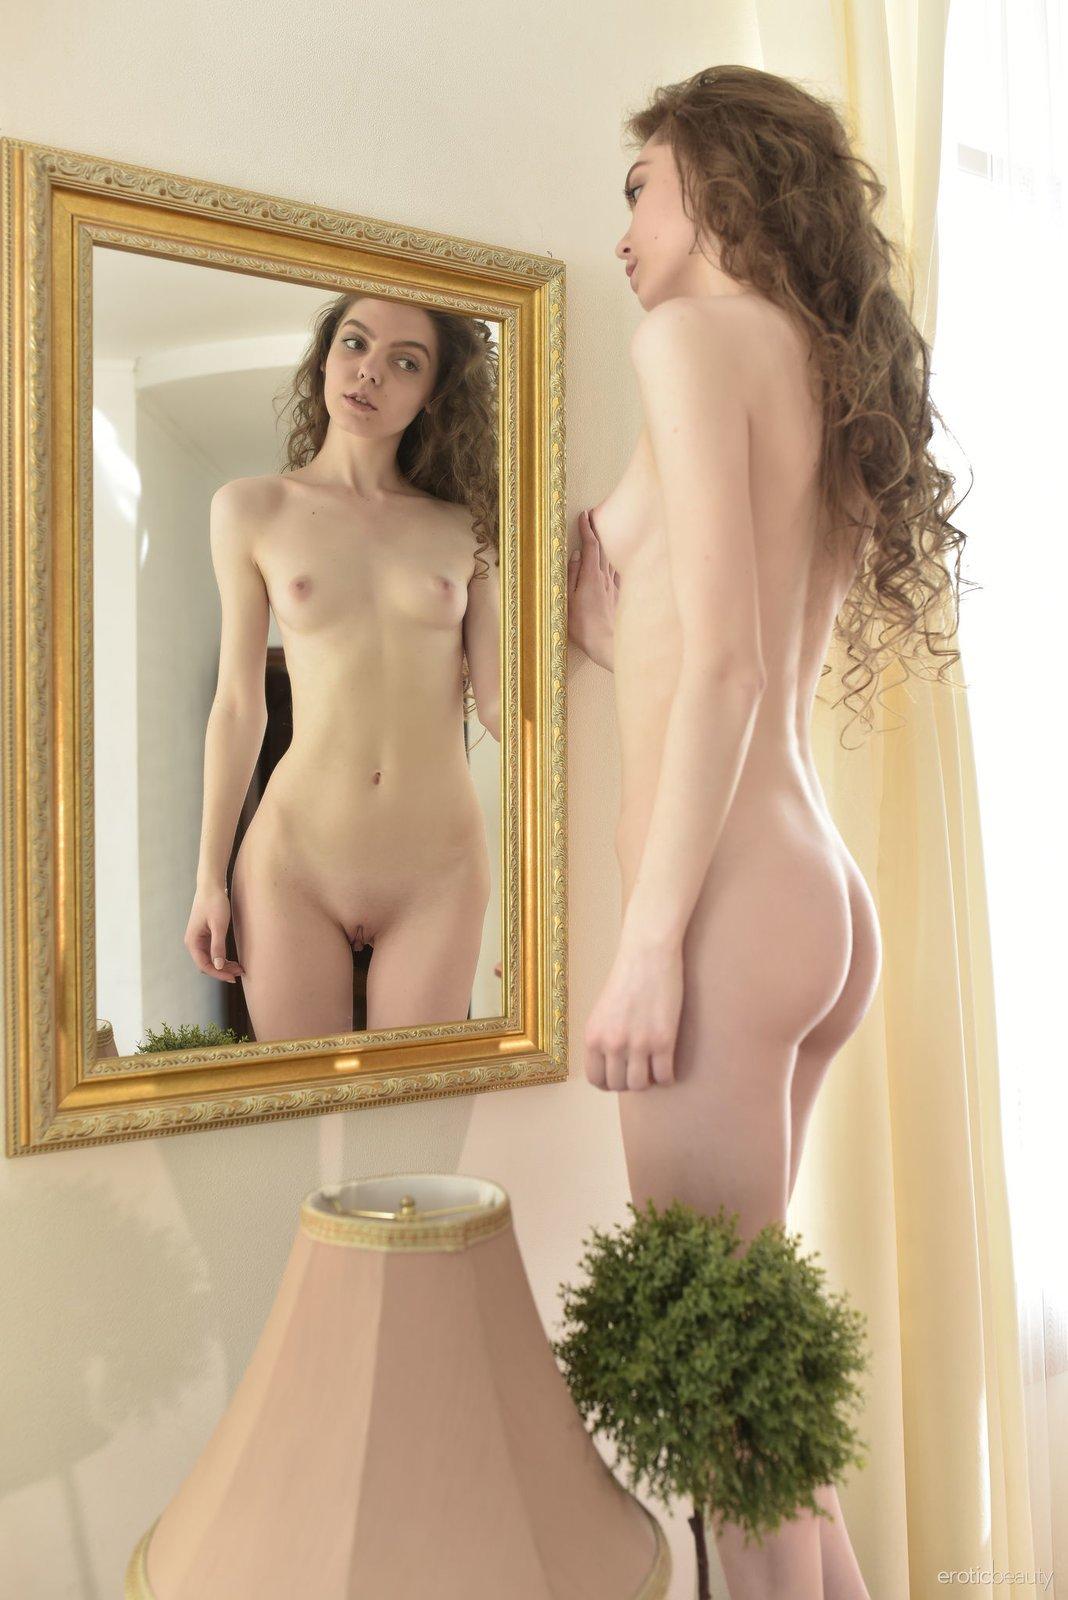 Кудрявая девушка с маленькими титьками в зеркале